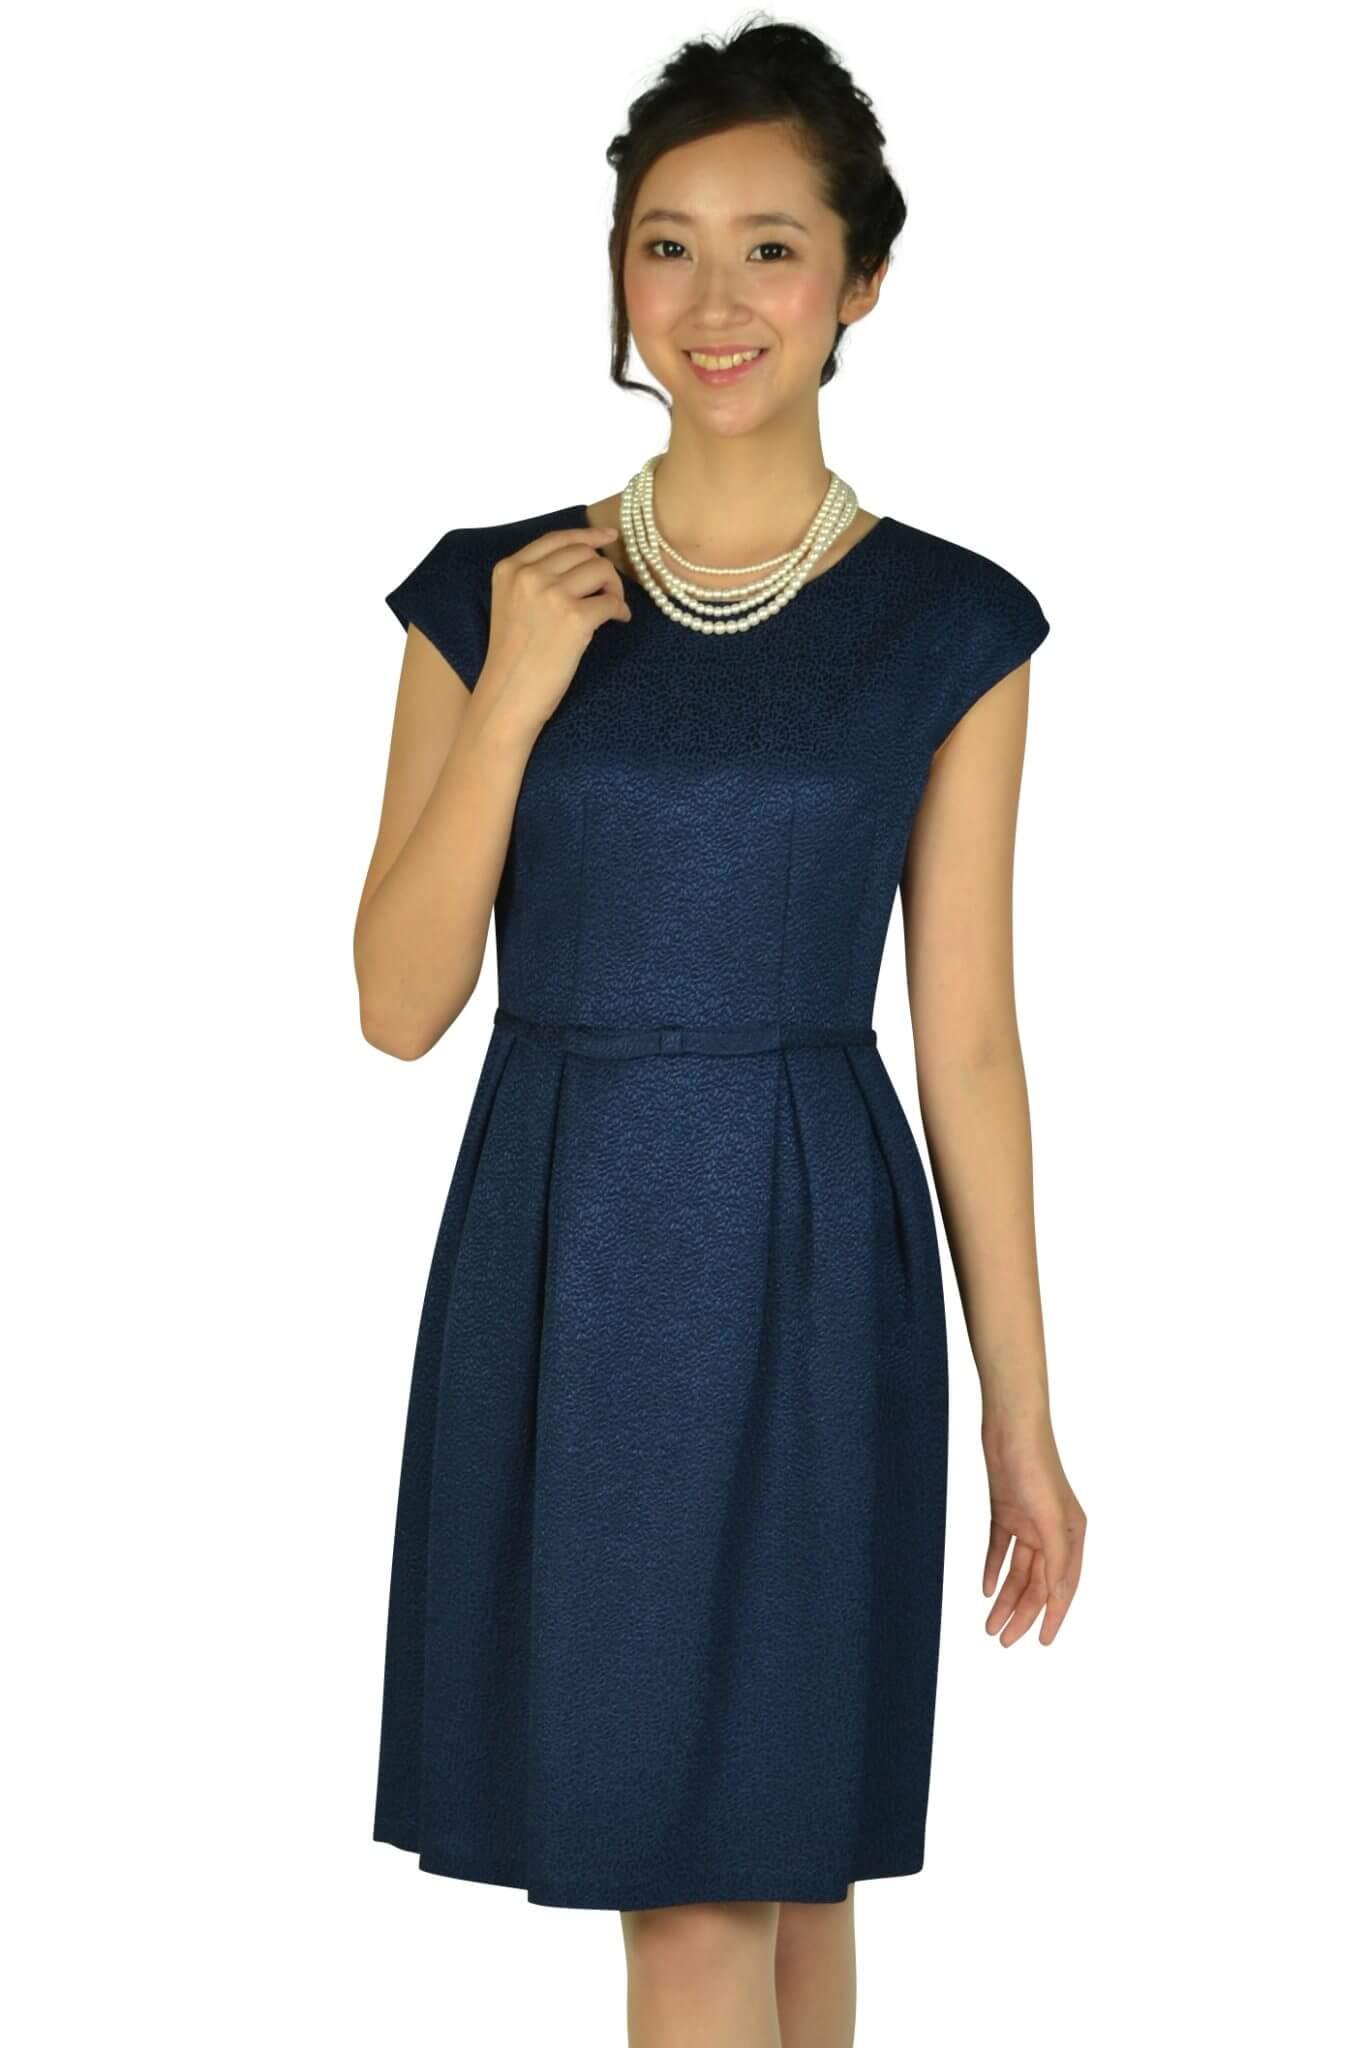 ストロベリーフィールズ (STRAWBERRY-FIELDS)ウエストリボン光沢ネイビードレス